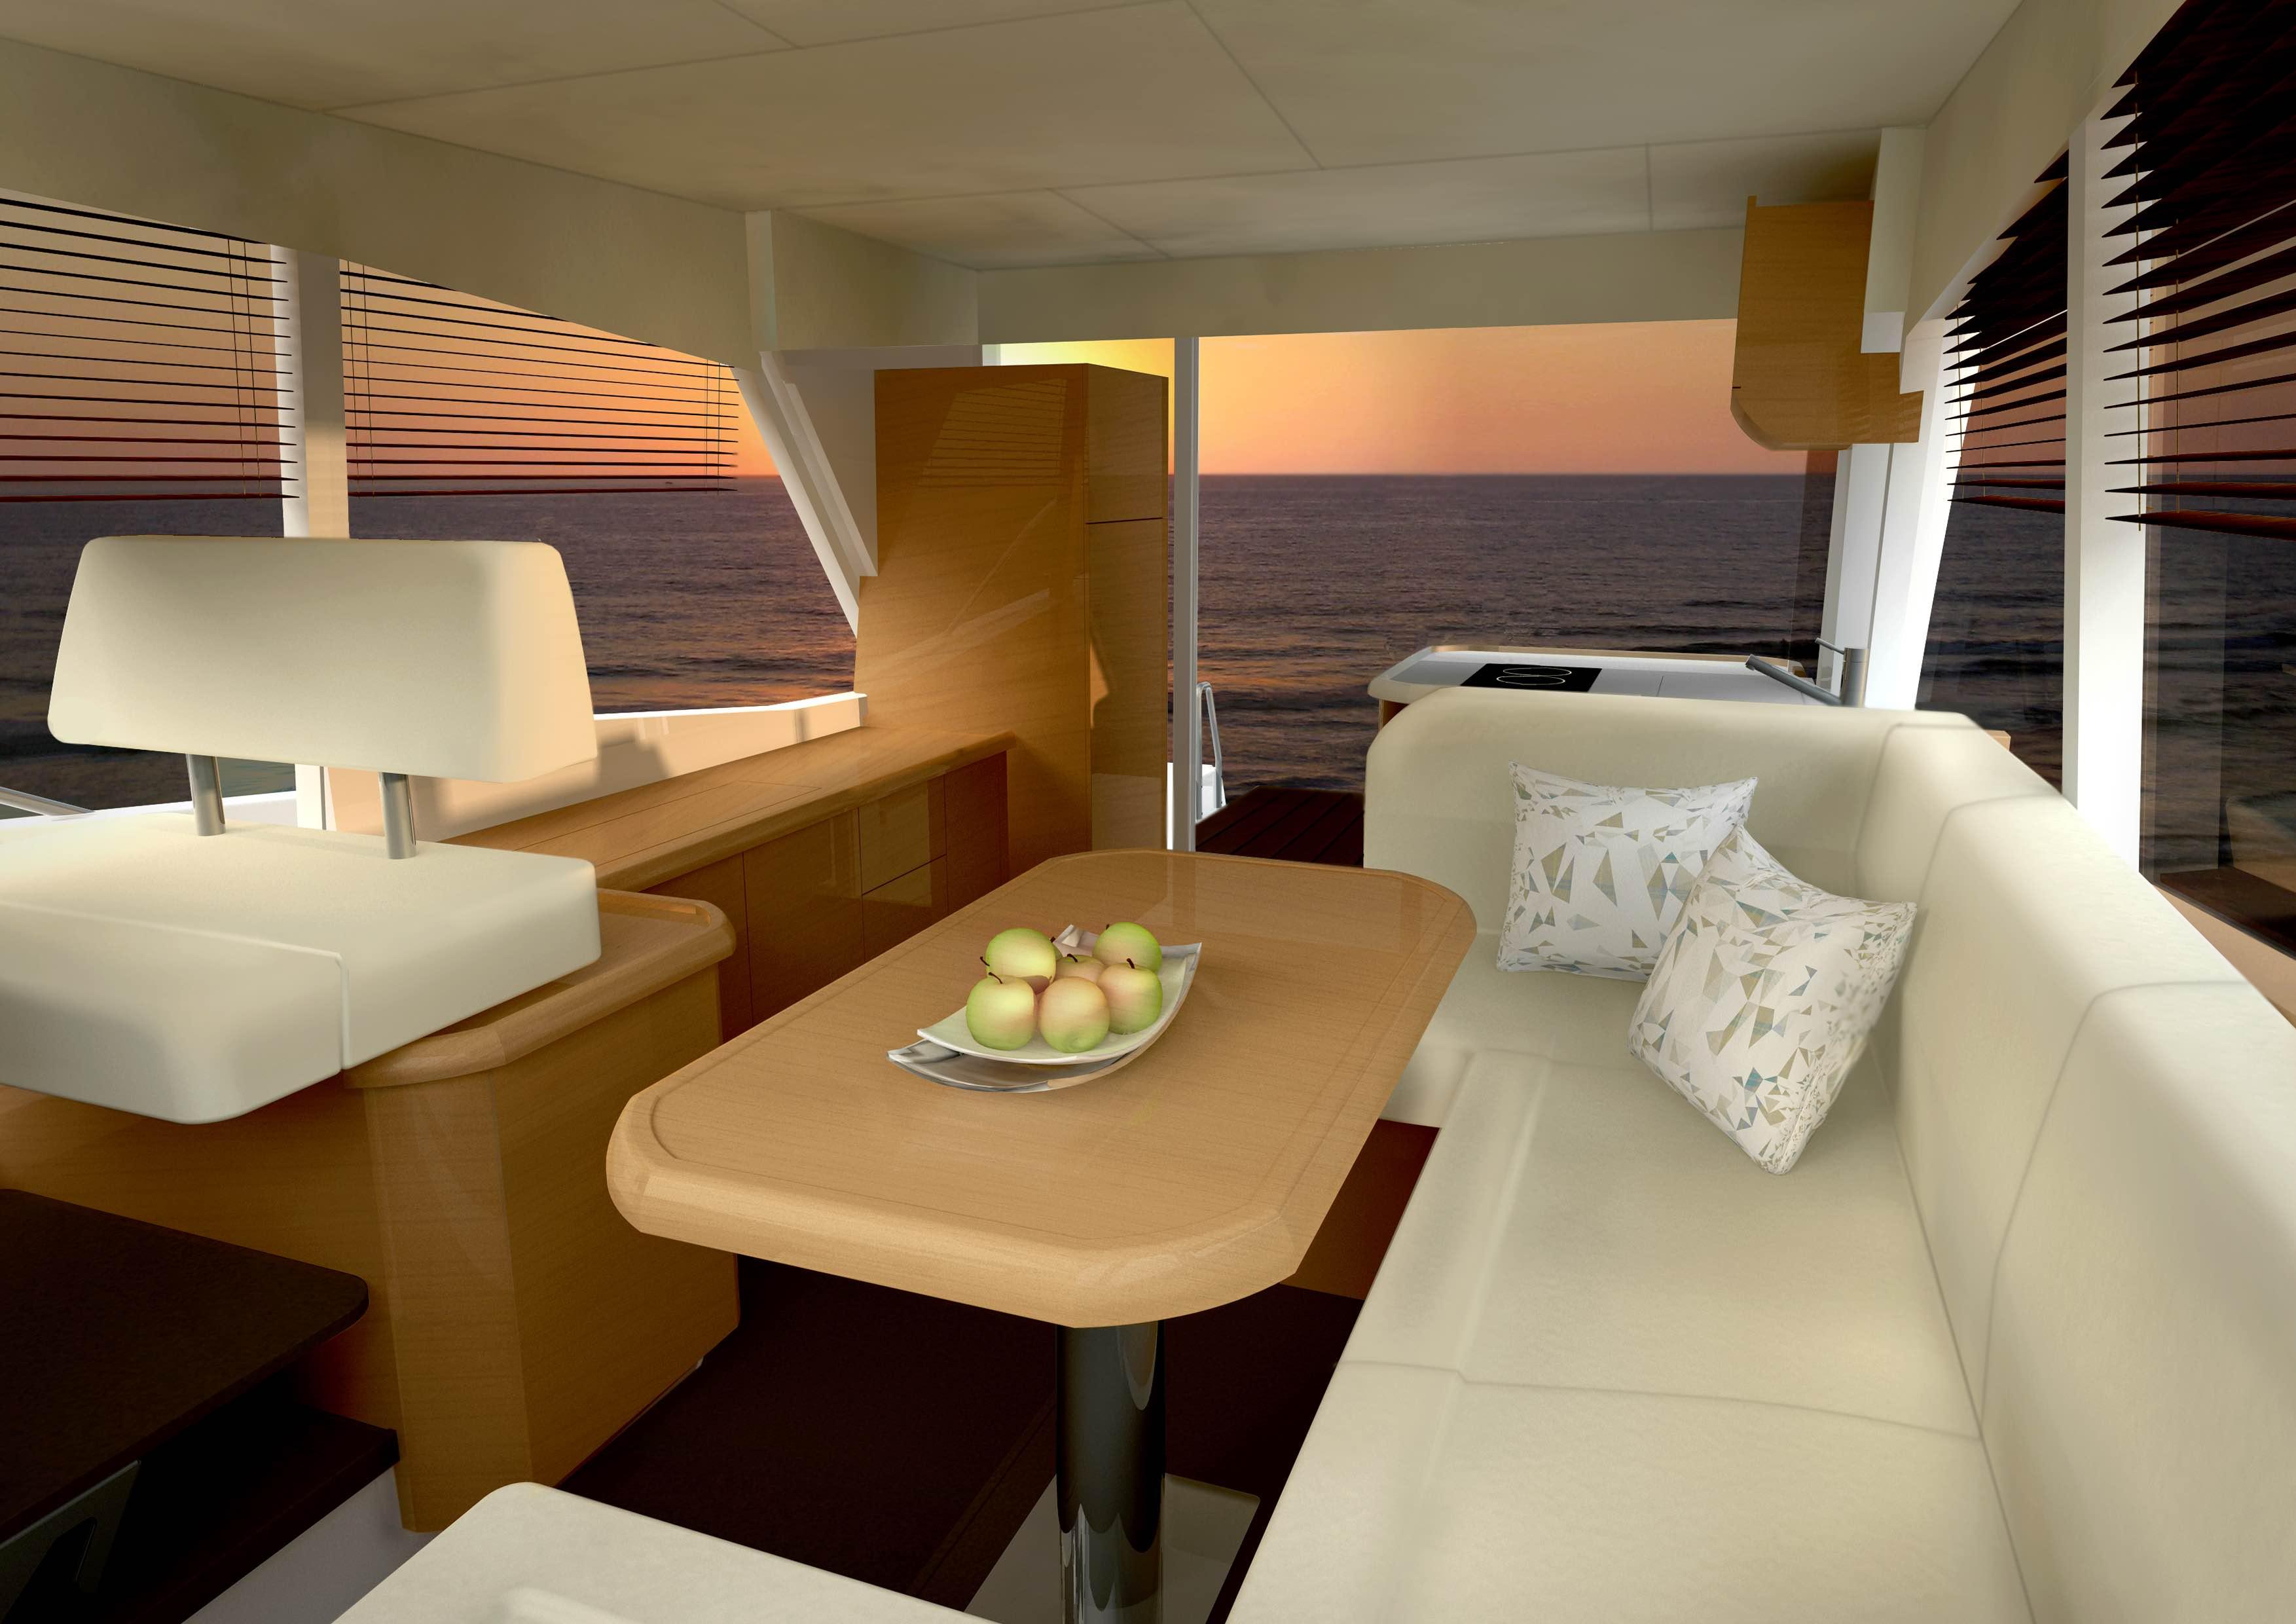 Meerblick von der Couch: Cockpit, Salon und Steuerstand befinden sich alle auf einer Ebene